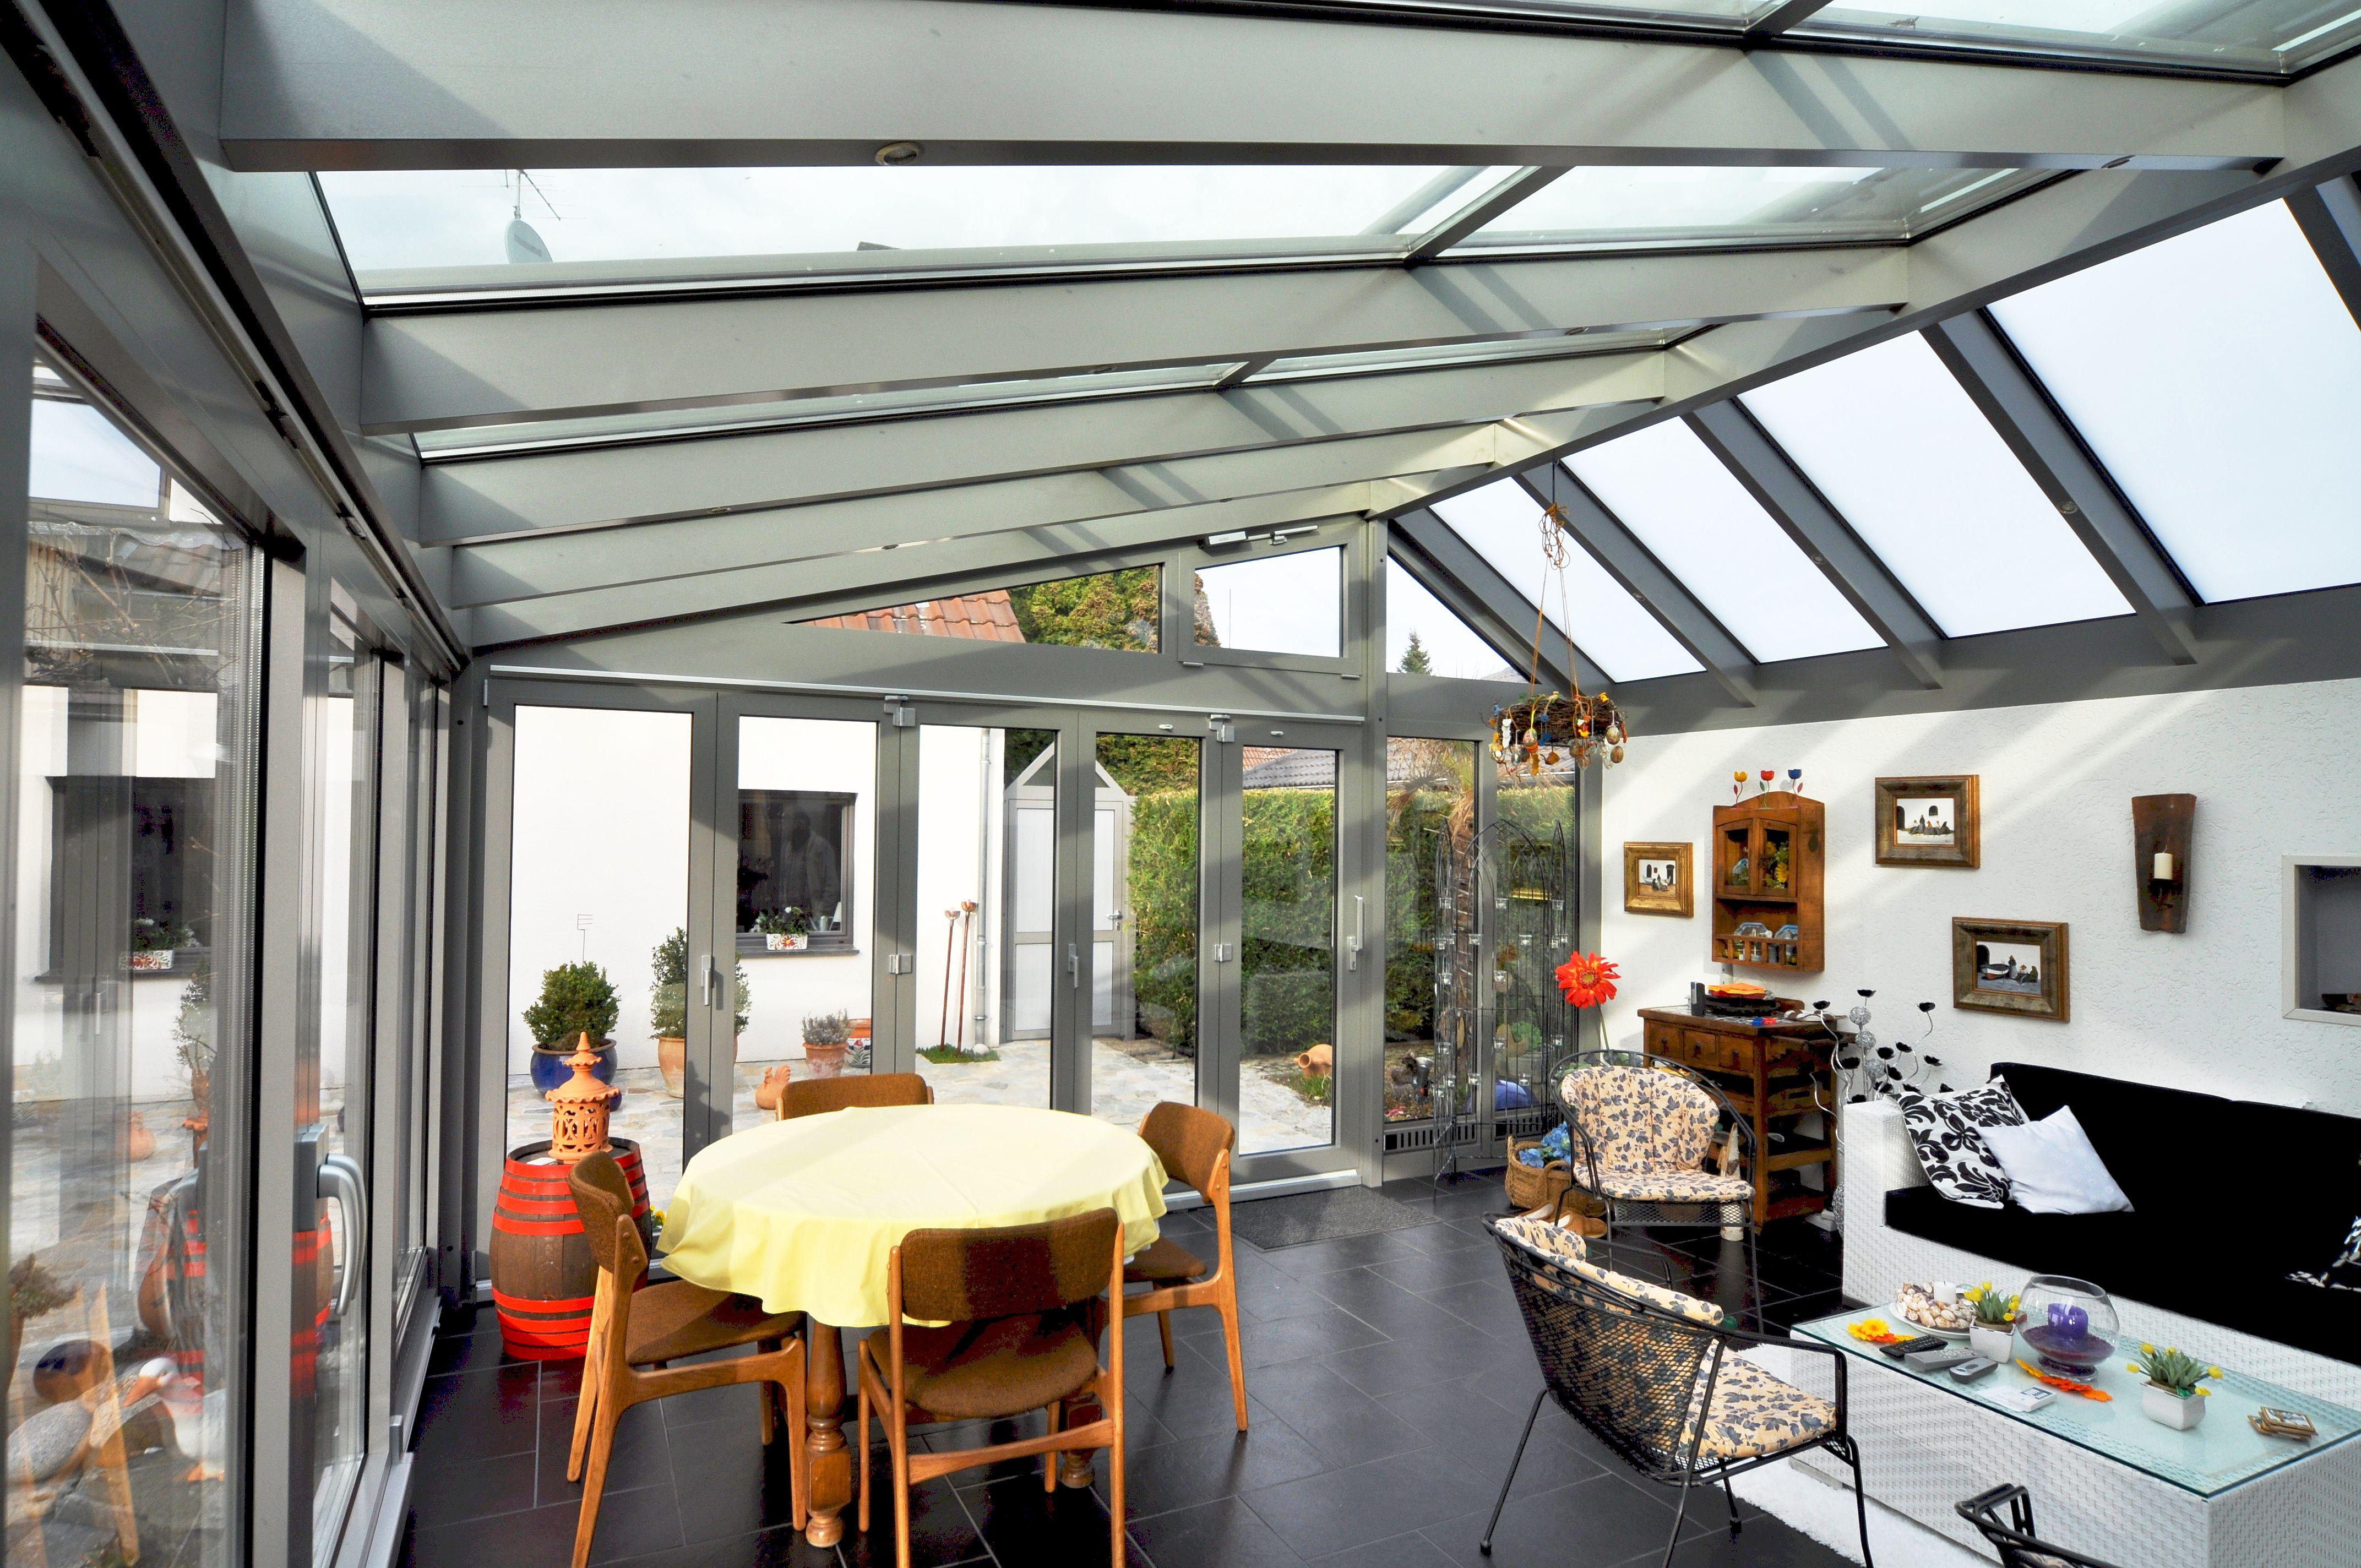 Fesselnde Masson Wintergarten Sammlung Von Maul Wintergärten Gmbh & Co.kg